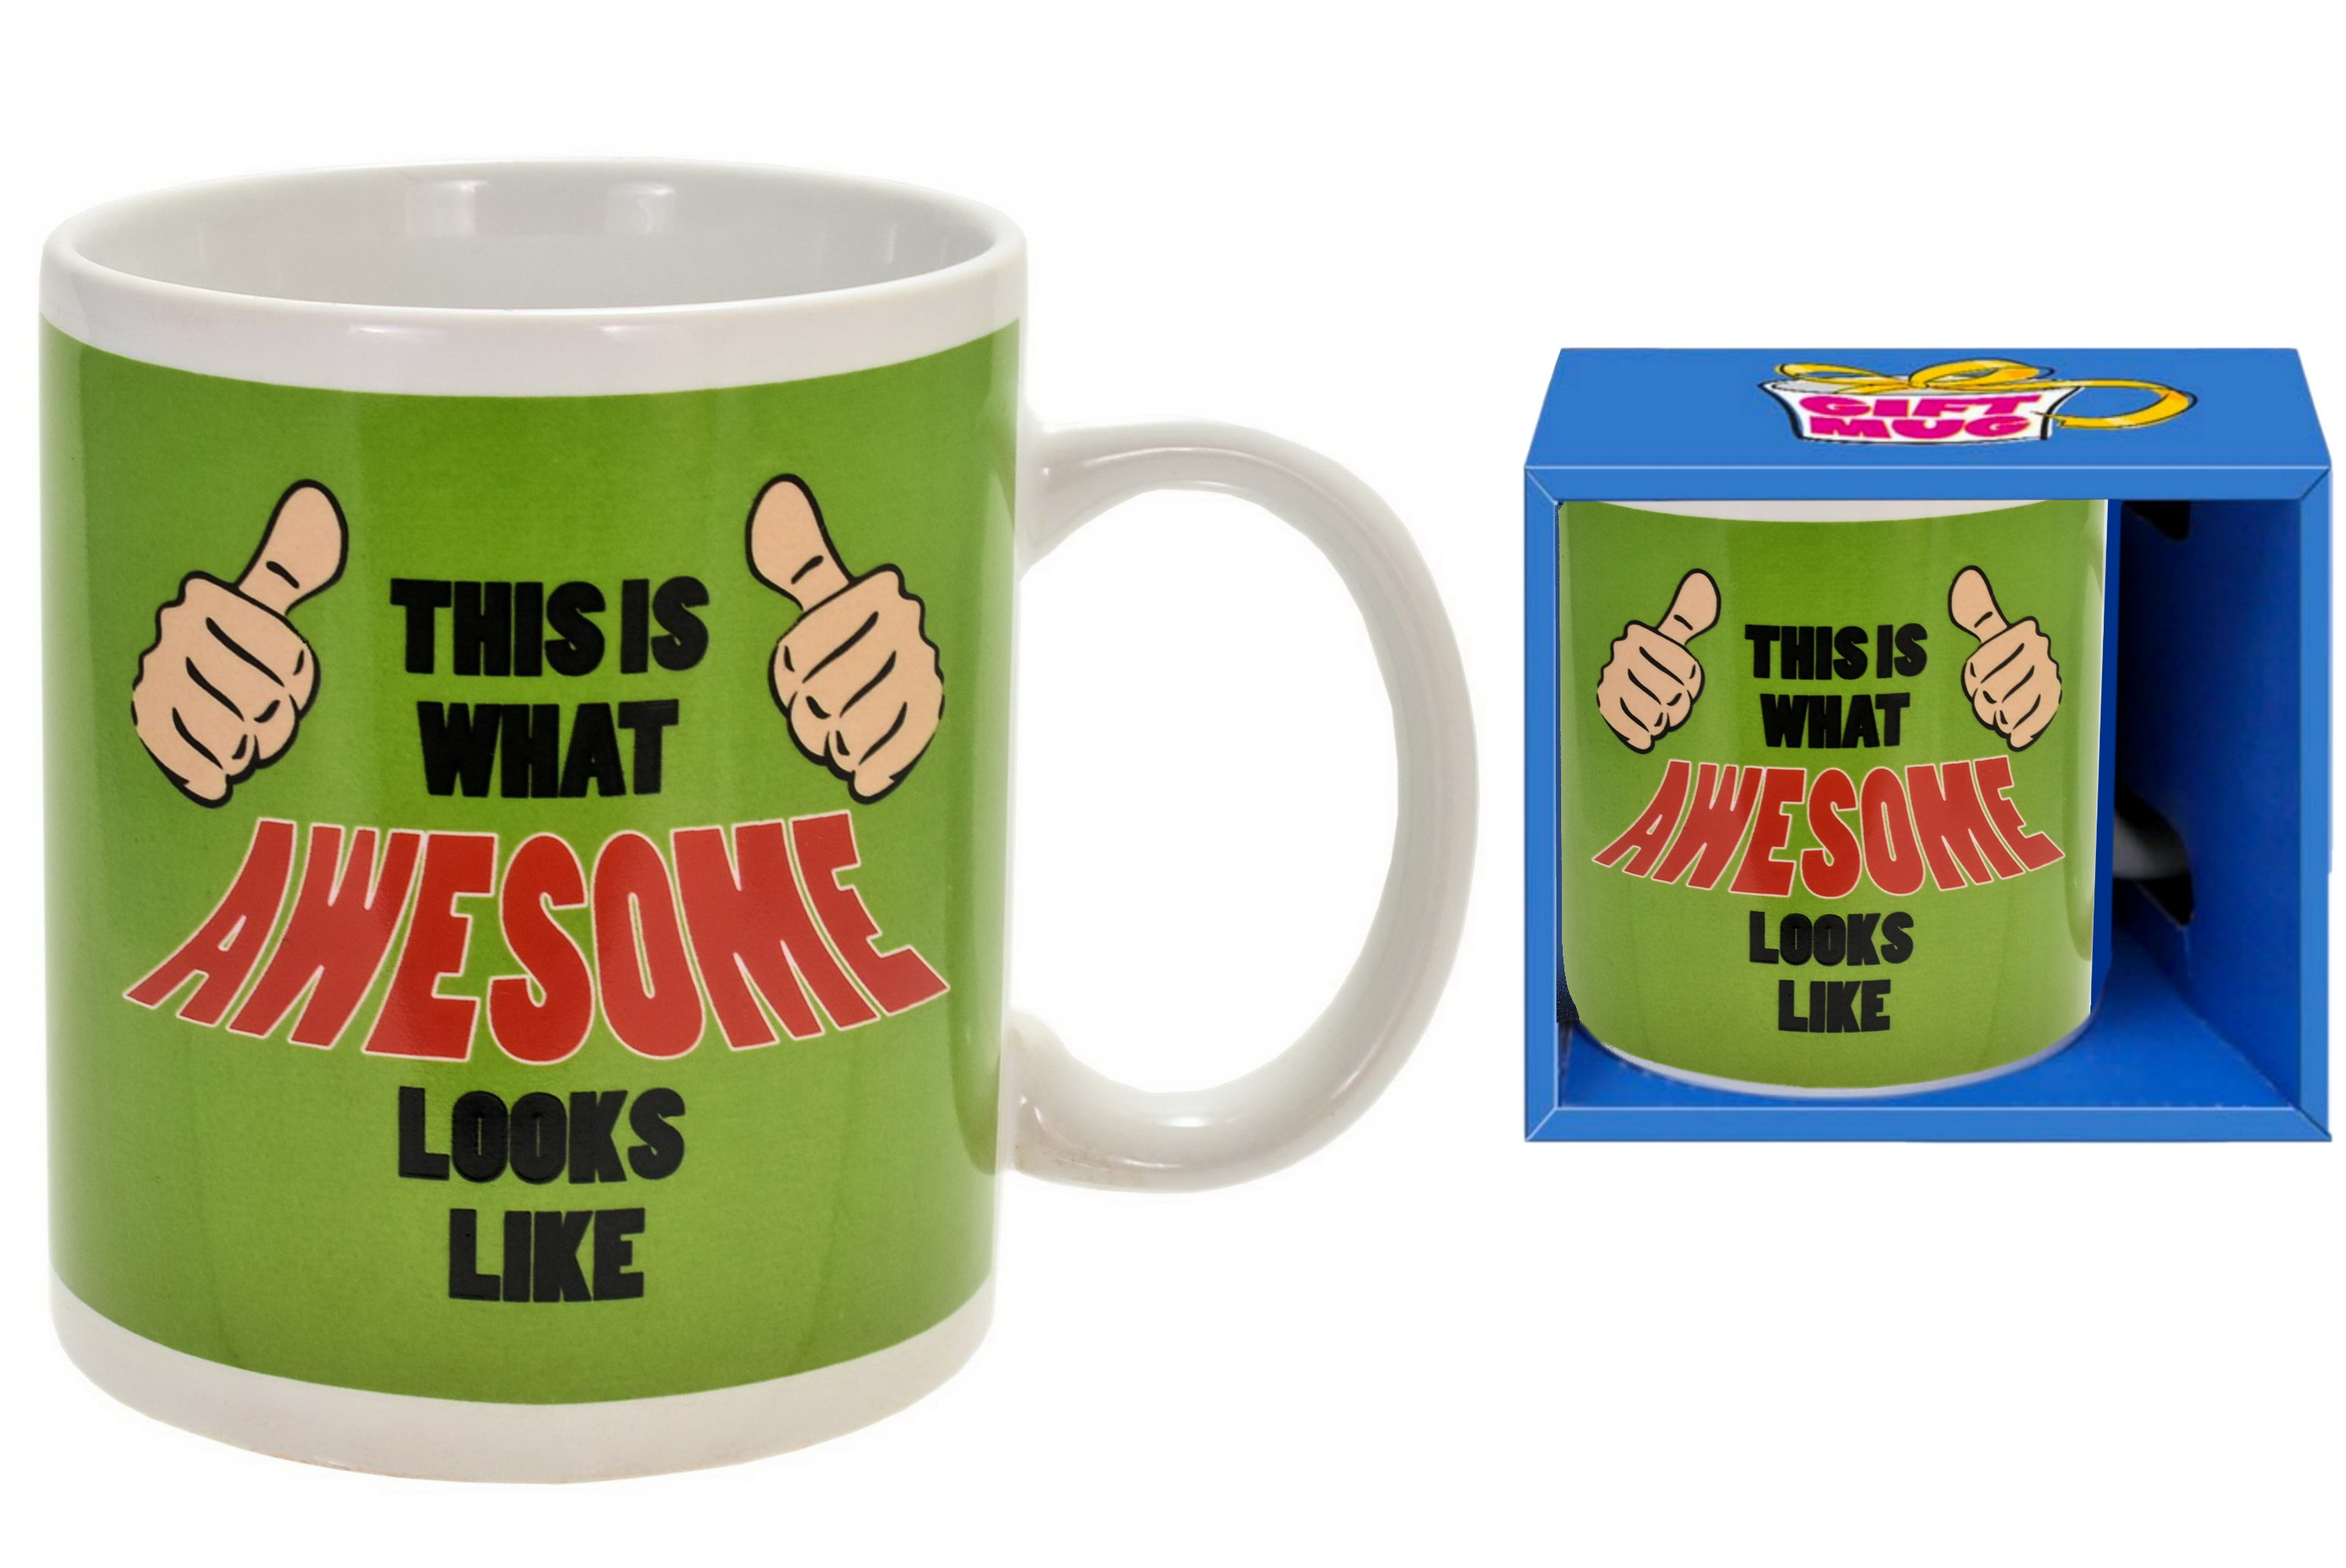 Awesome Mug In Gift Box